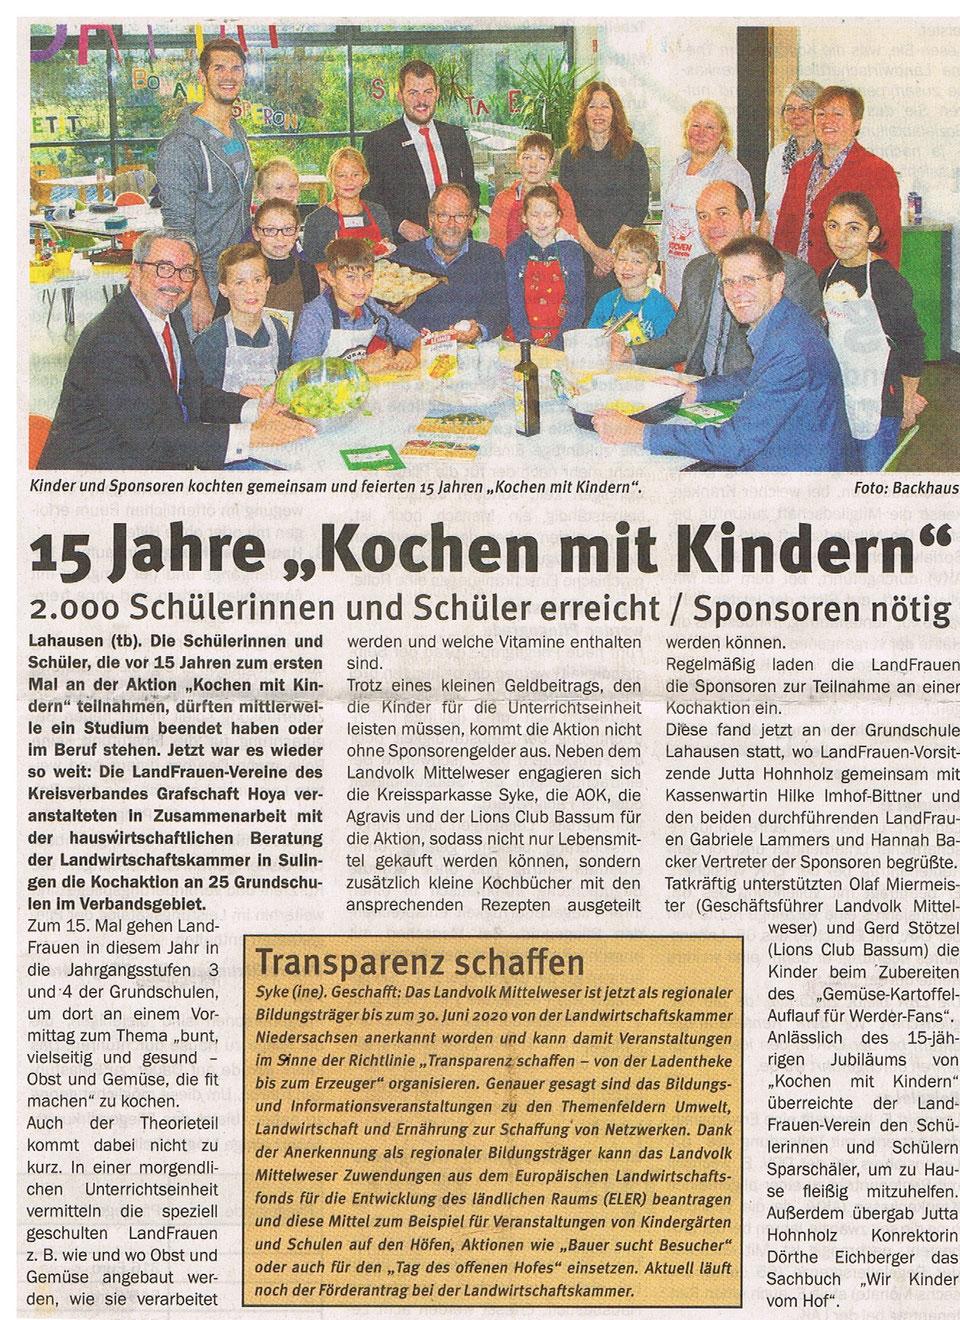 Mit freundlicher Genehmigung des Landvolkverbandes Mittelweser im November 2016